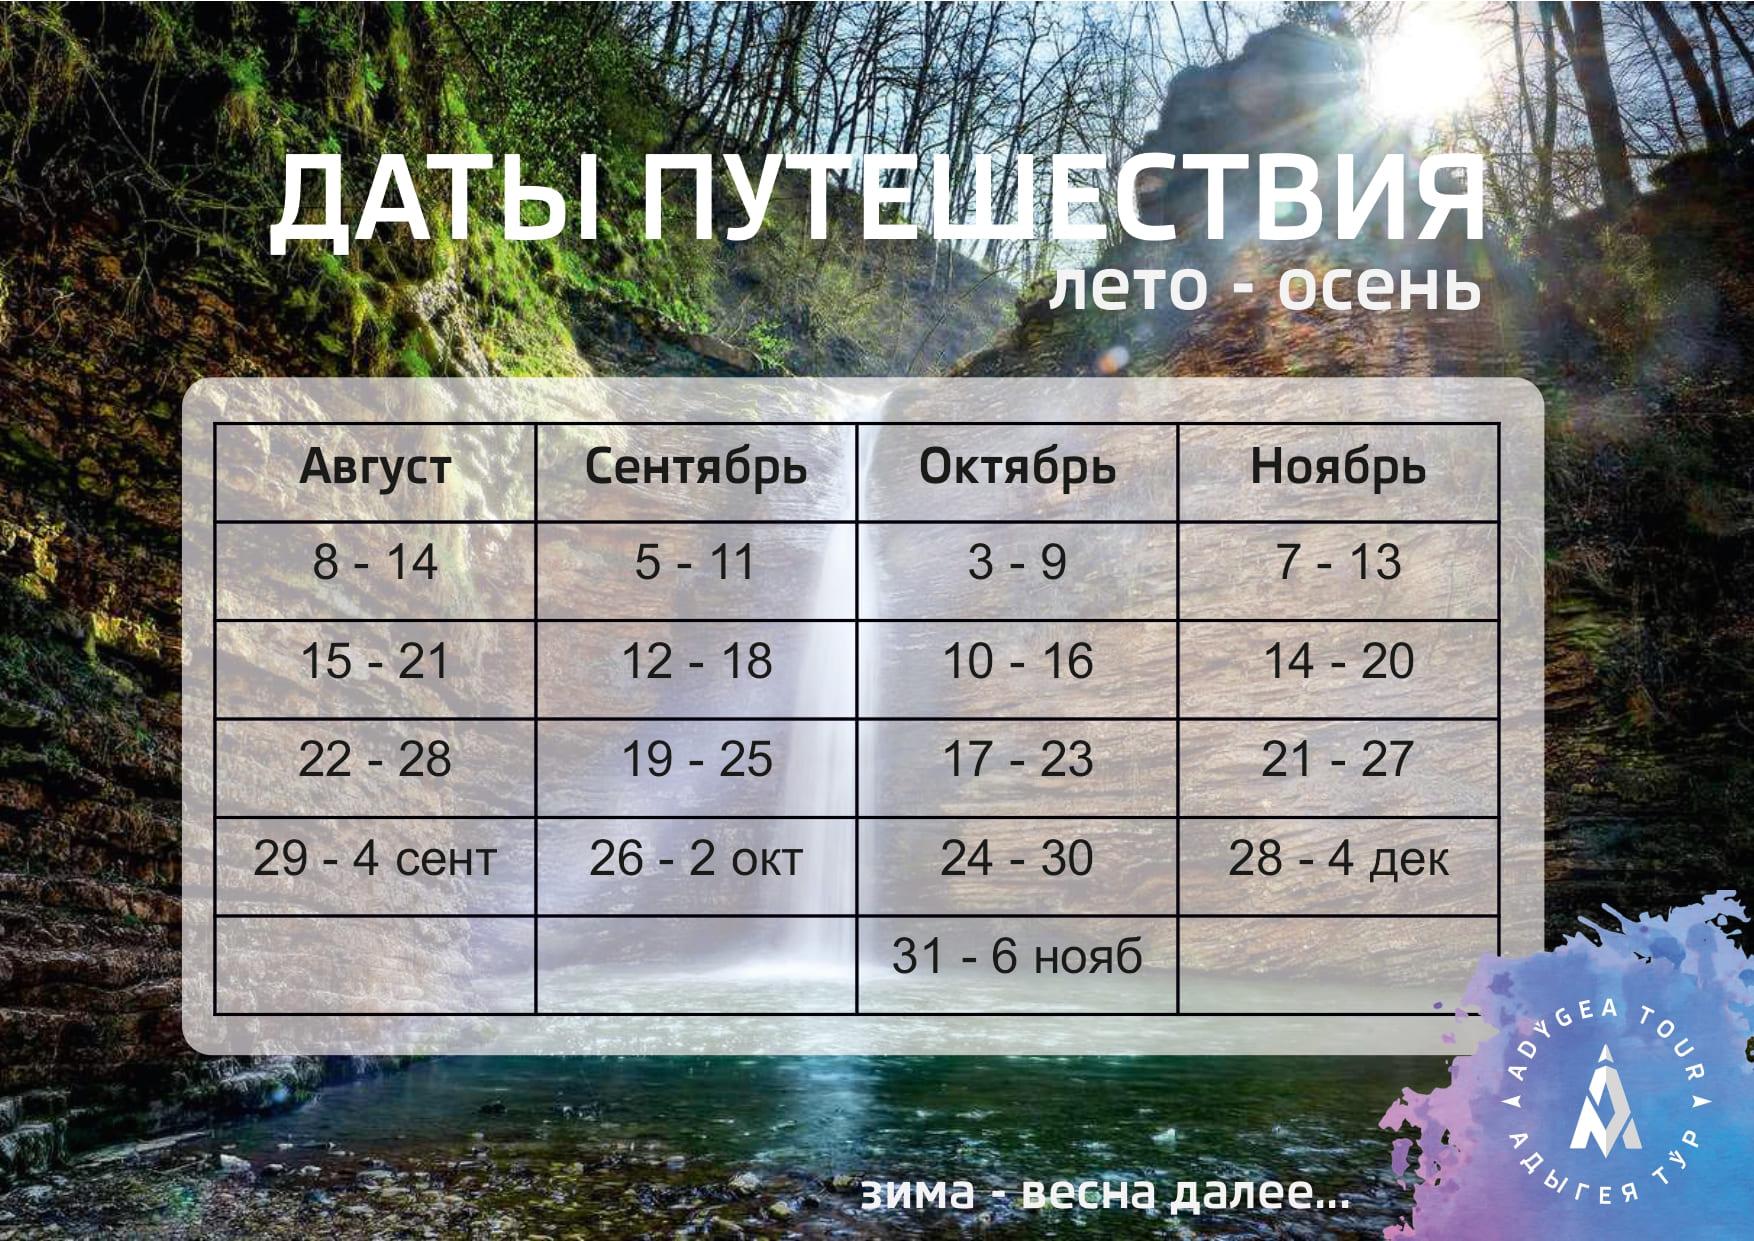 Адыгея активный тур_compressed (2)_page-0003